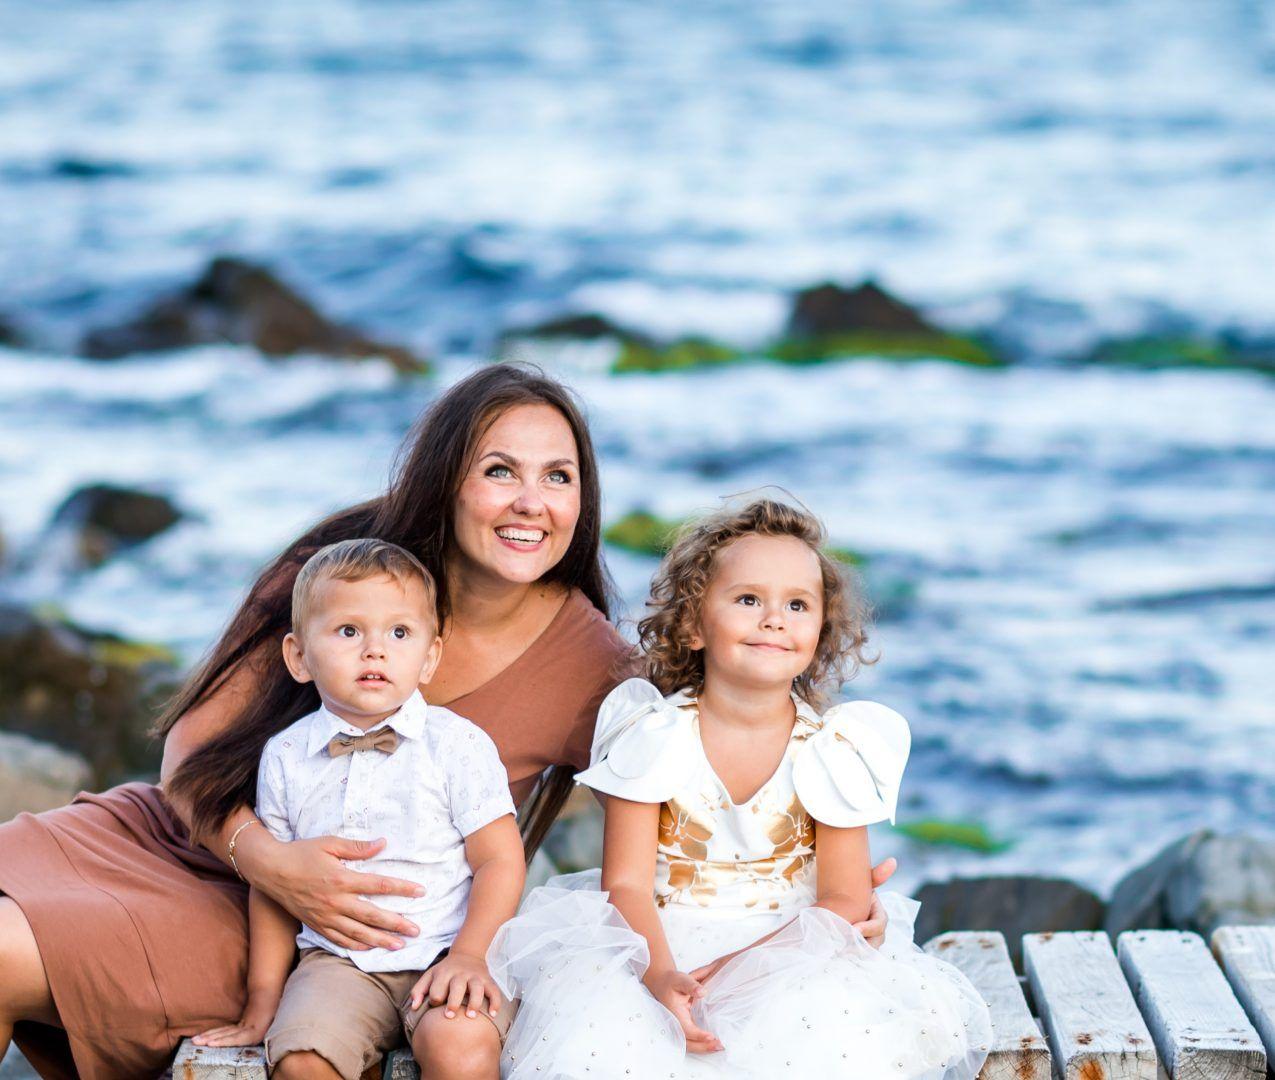 2019 год. Александра со своими детьми, Дамианом и Виринеей, на отдыхе в Болгарии. Фото из личного архива